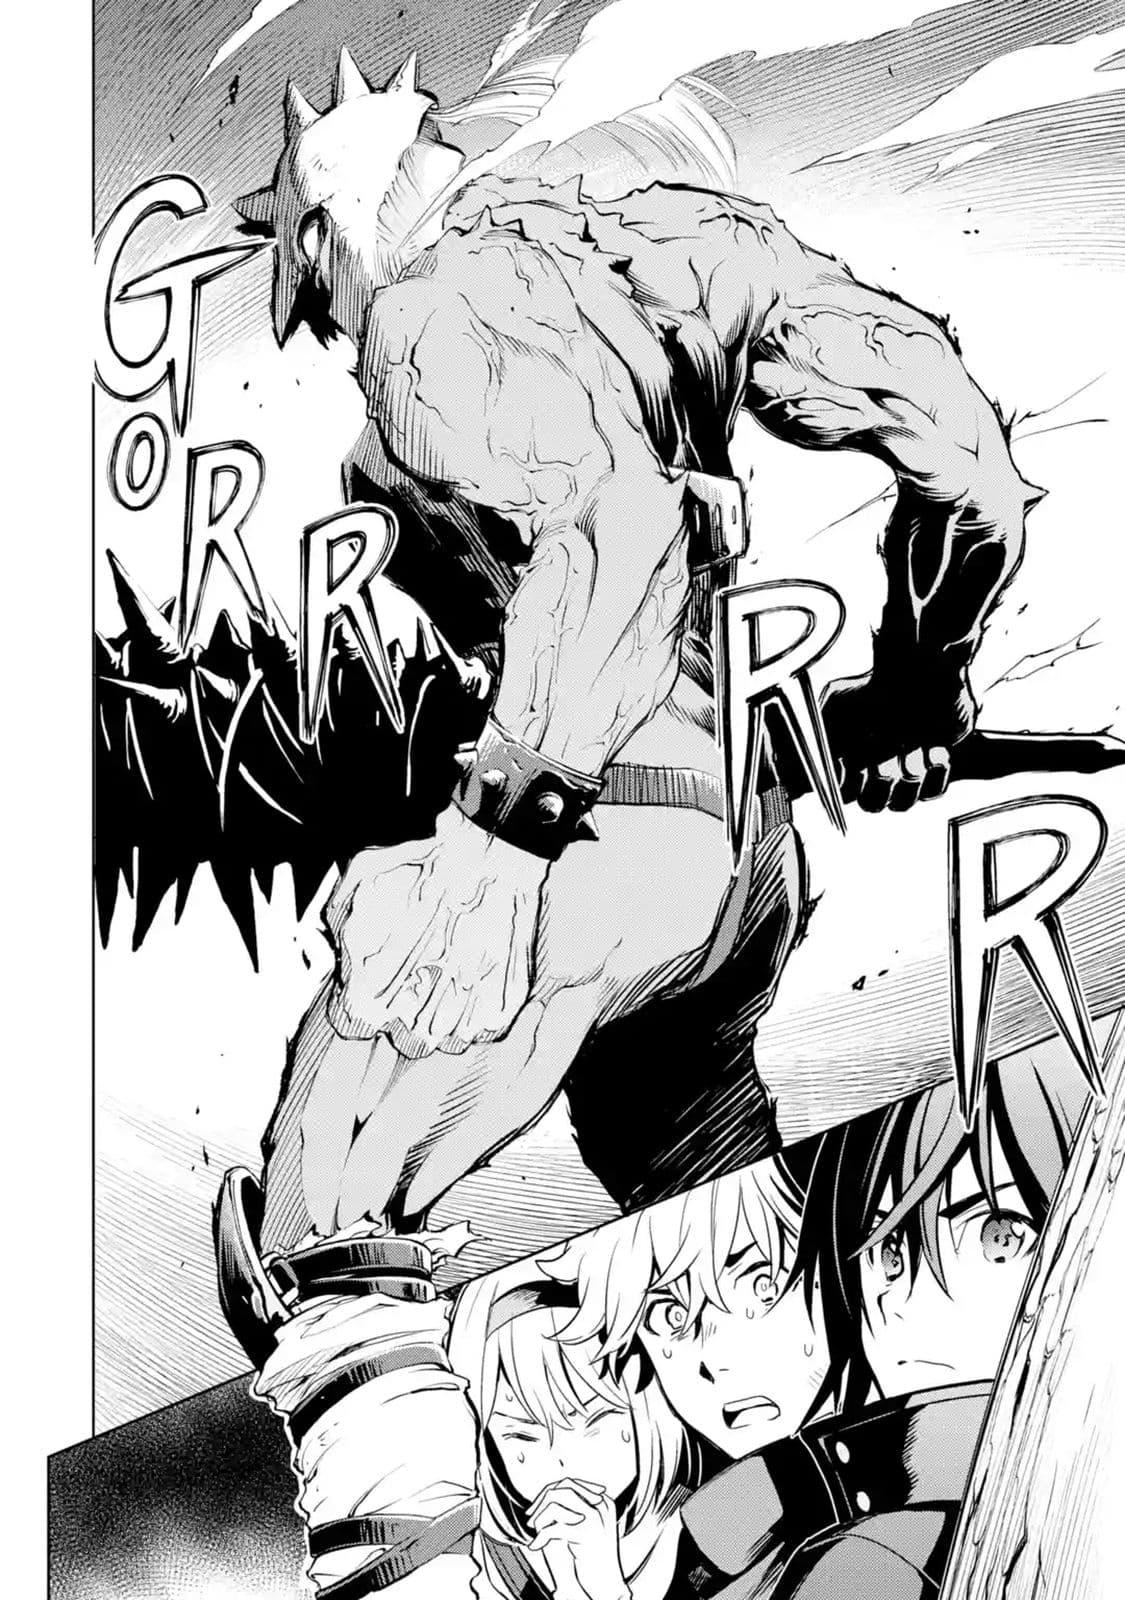 อ่านการ์ตูน Koko wa Ore ni Makasete Saki ni Ike to Itte kara 10 Nen ga Tattara Densetsu ni Natteita ตอนที่ 2 หน้าที่ 35